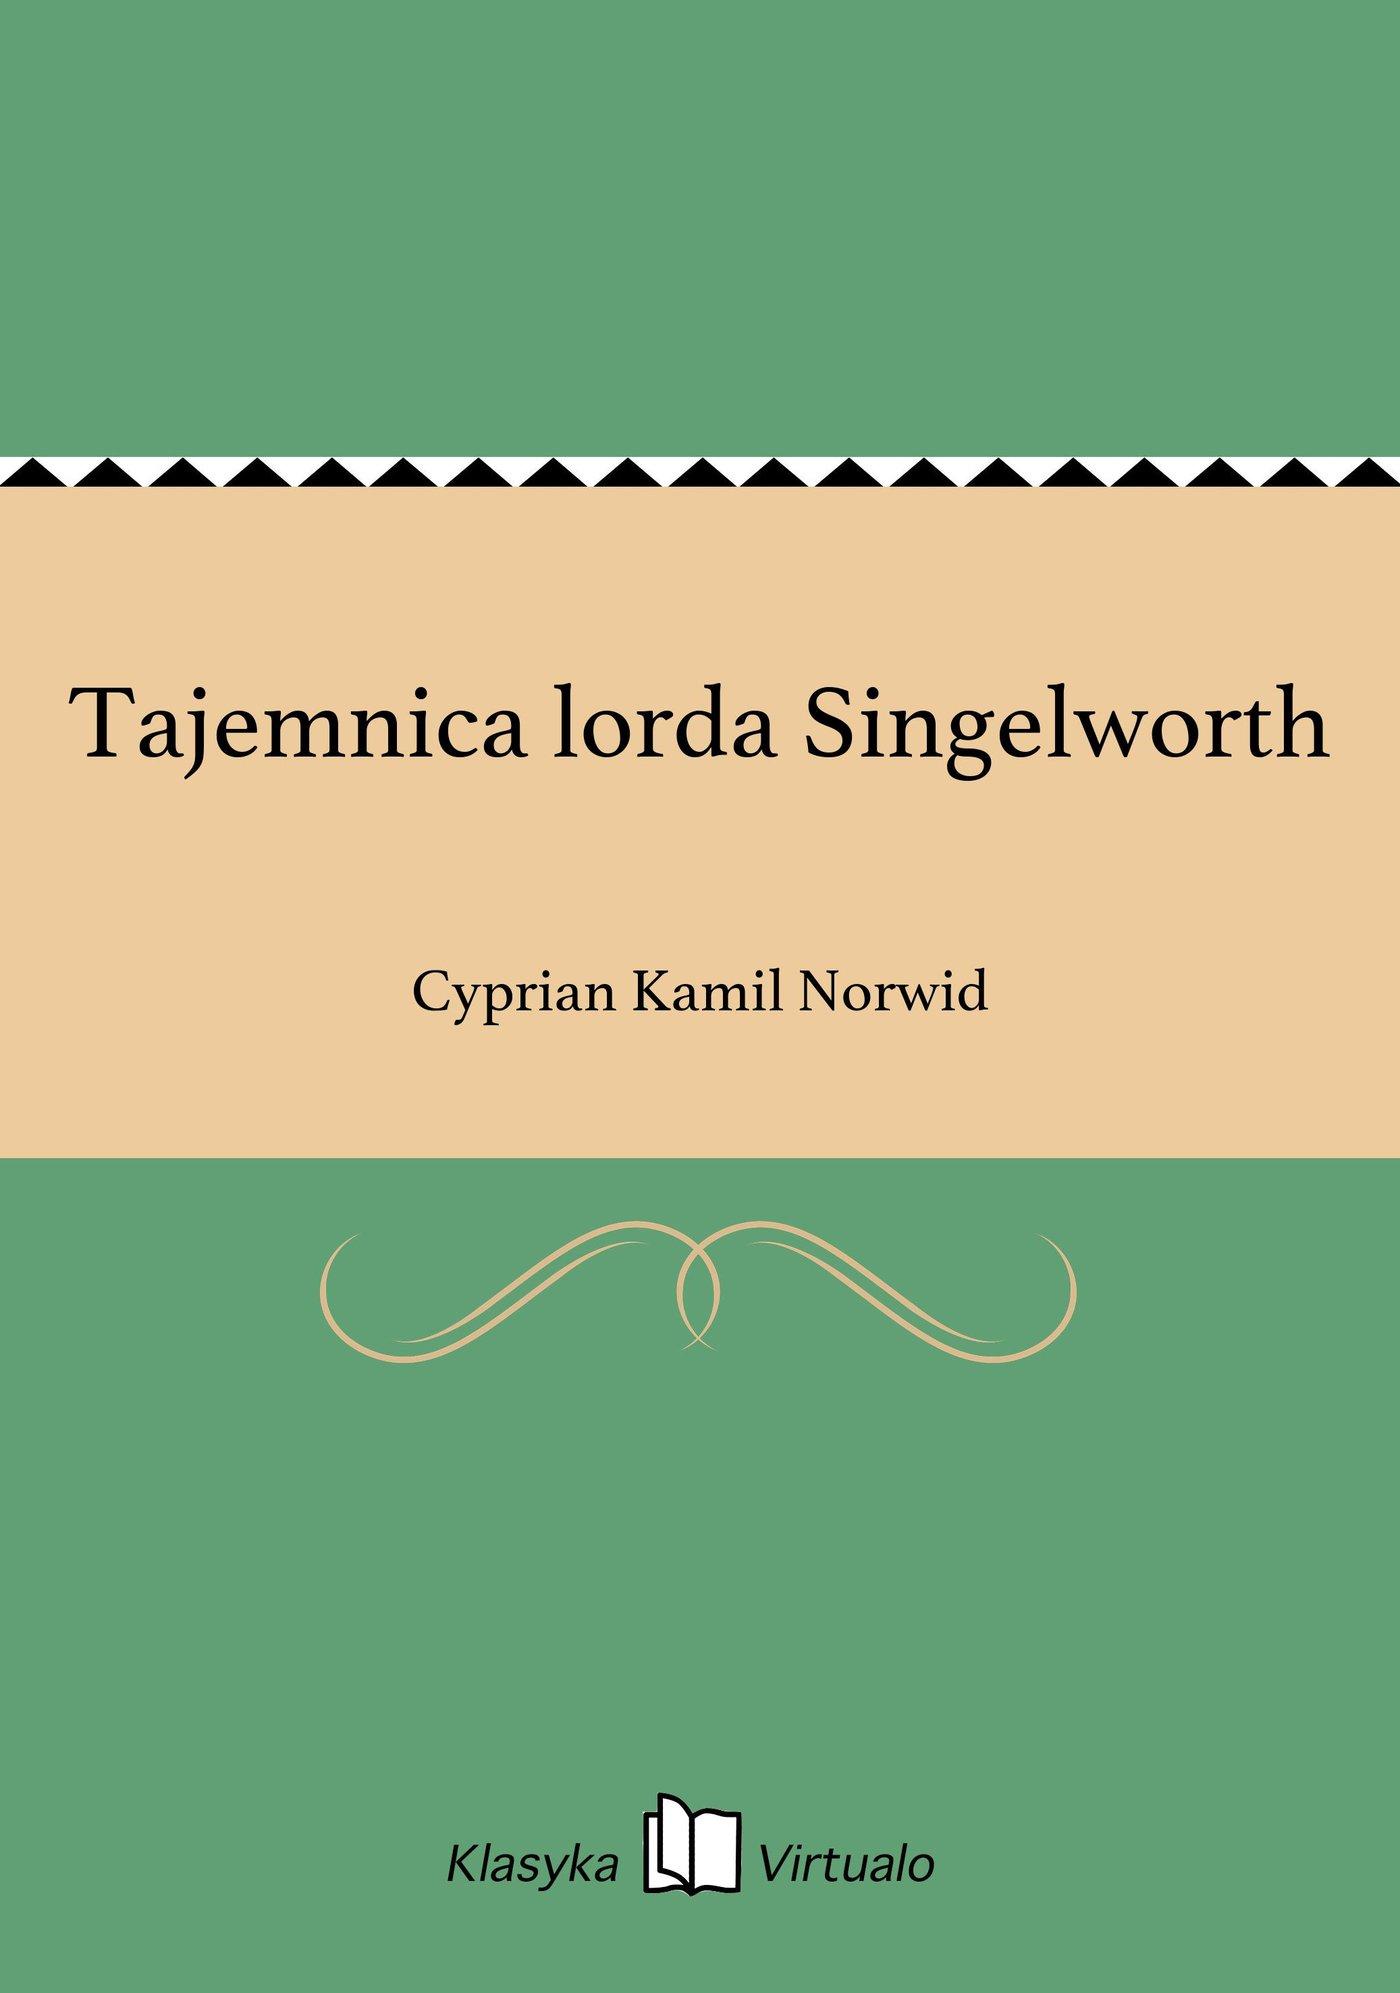 Tajemnica lorda Singelworth - Ebook (Książka na Kindle) do pobrania w formacie MOBI